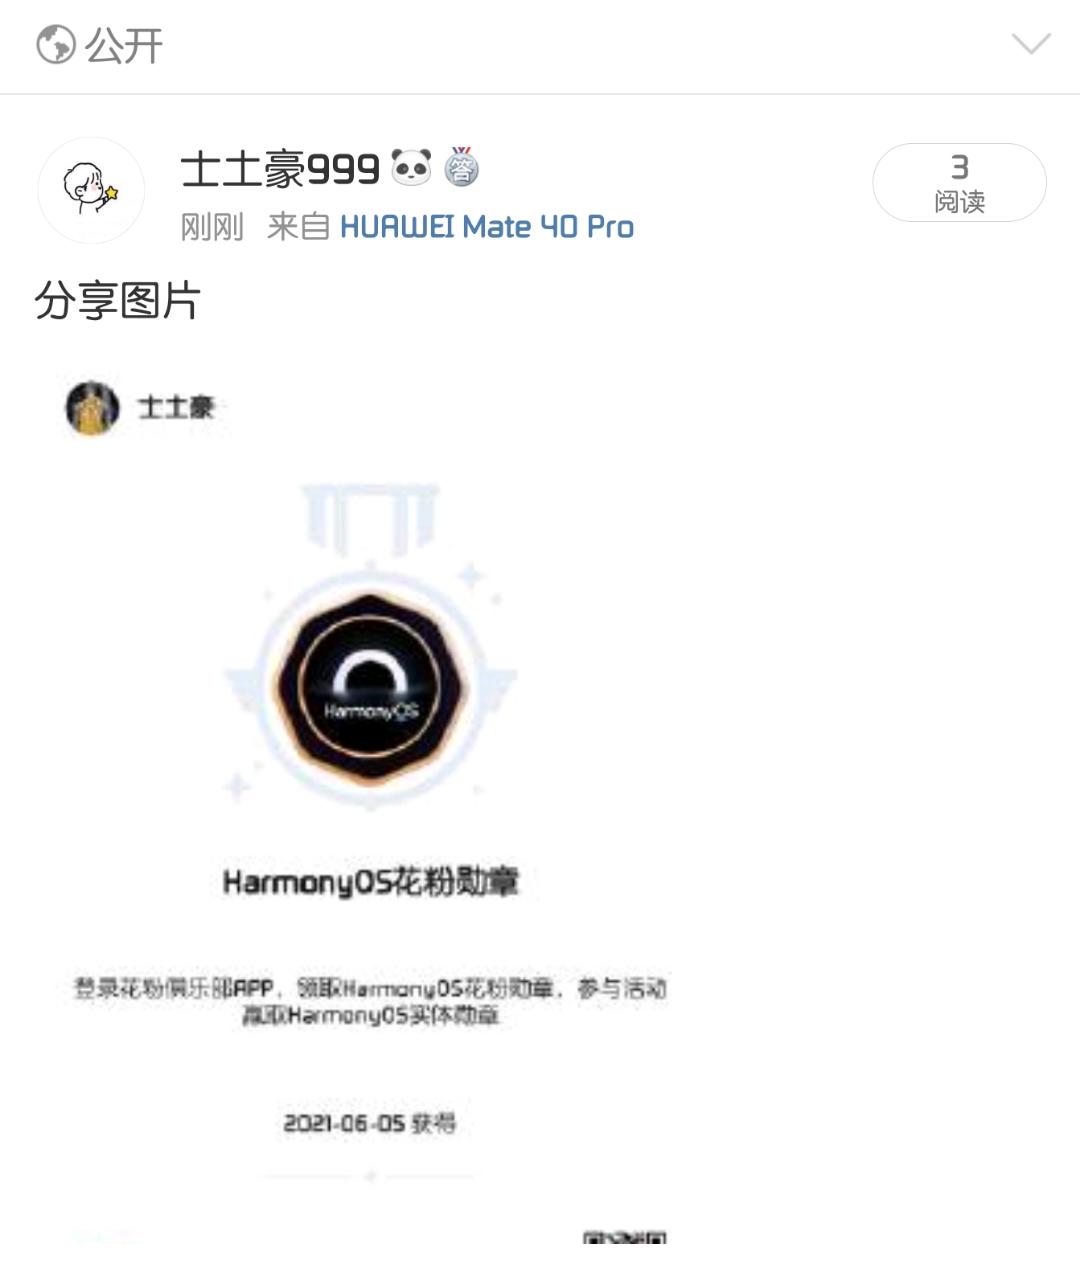 Screenshot_20210605_232016_com.sina.weibo.png